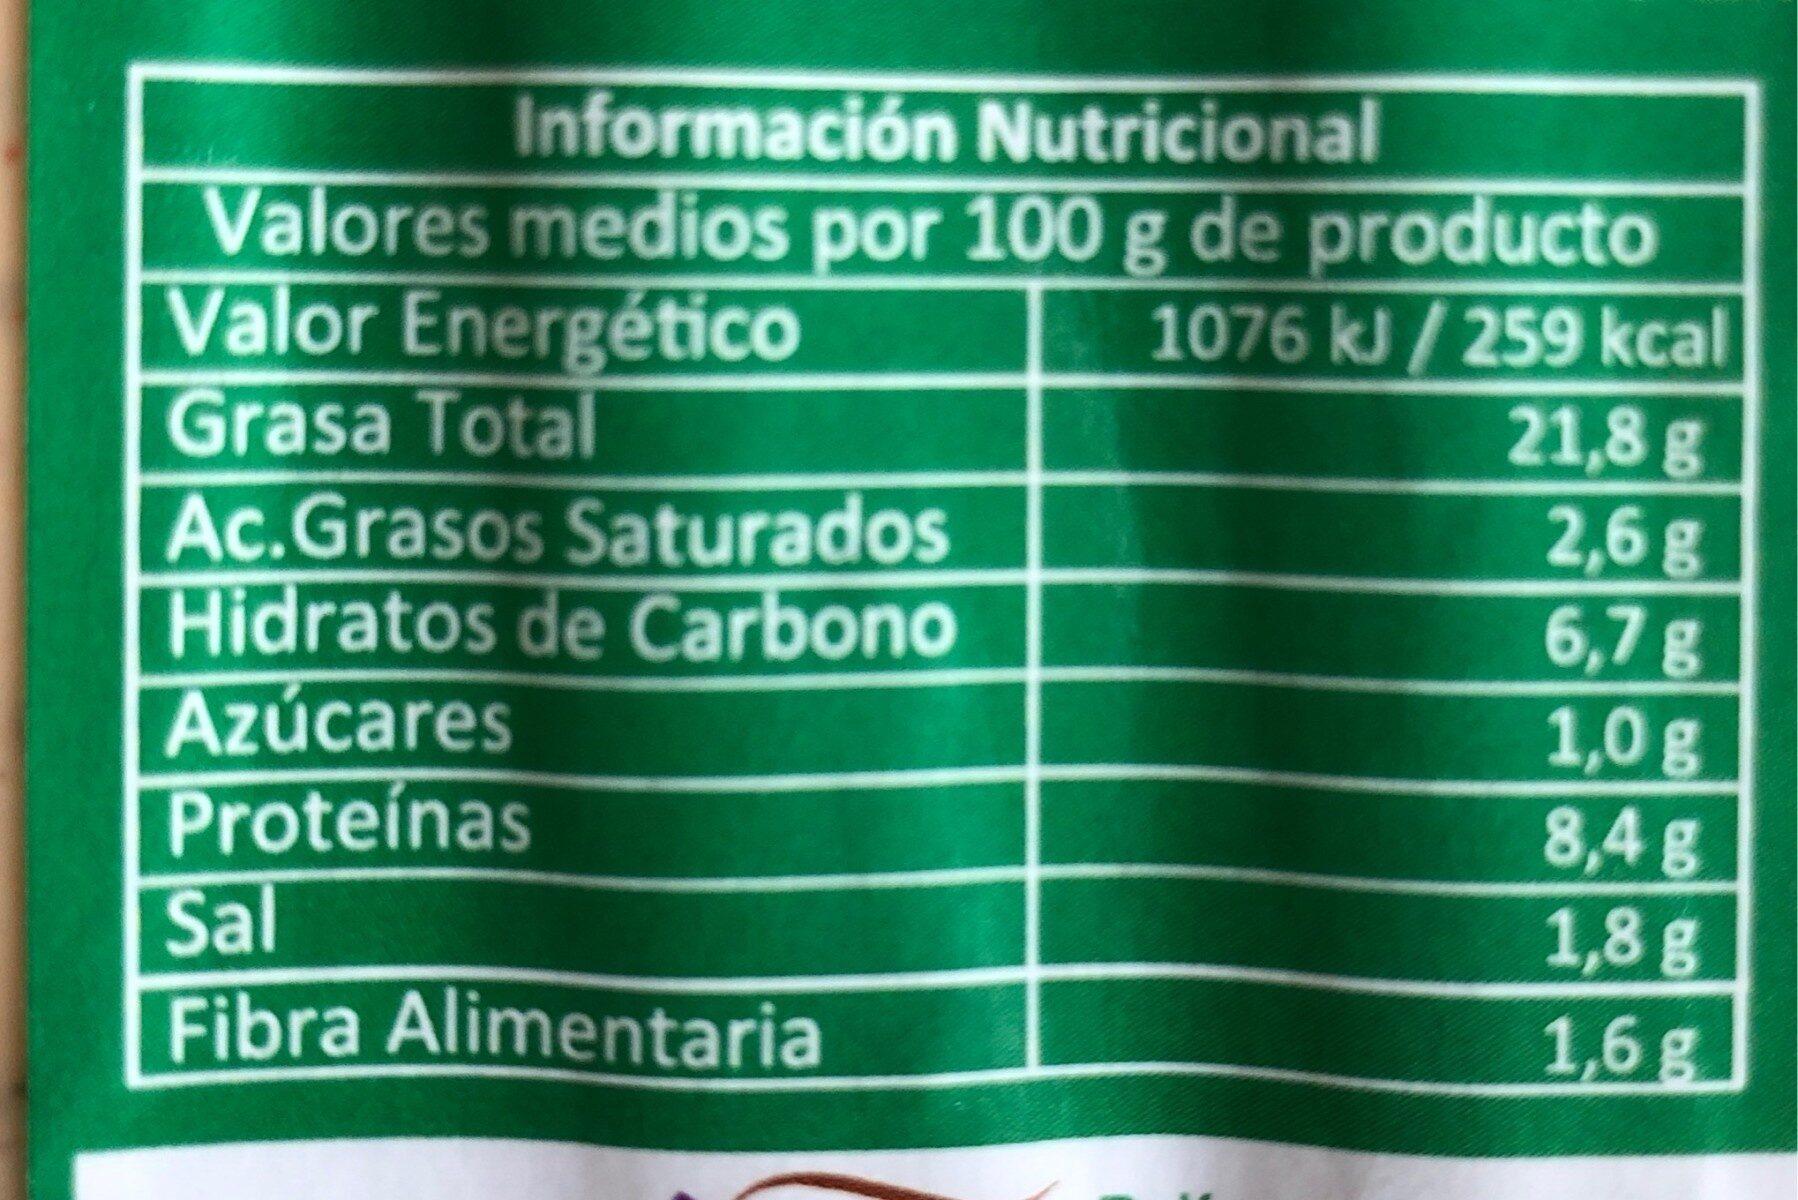 Salchichas vegetales de tofu - Informació nutricional